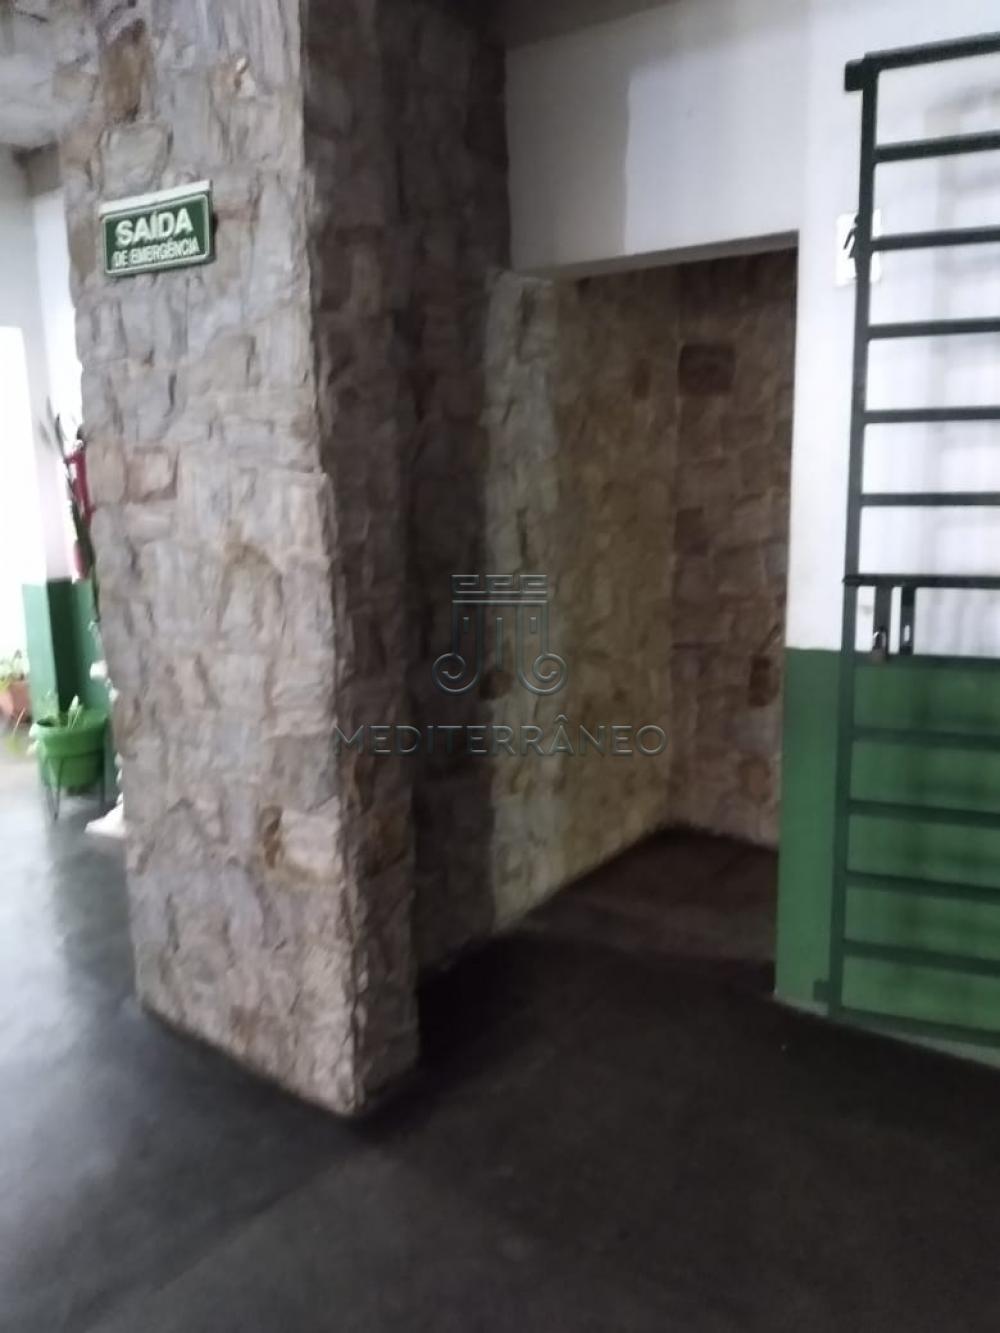 Alugar Comercial / Salão em Jundiaí apenas R$ 5.000,00 - Foto 10